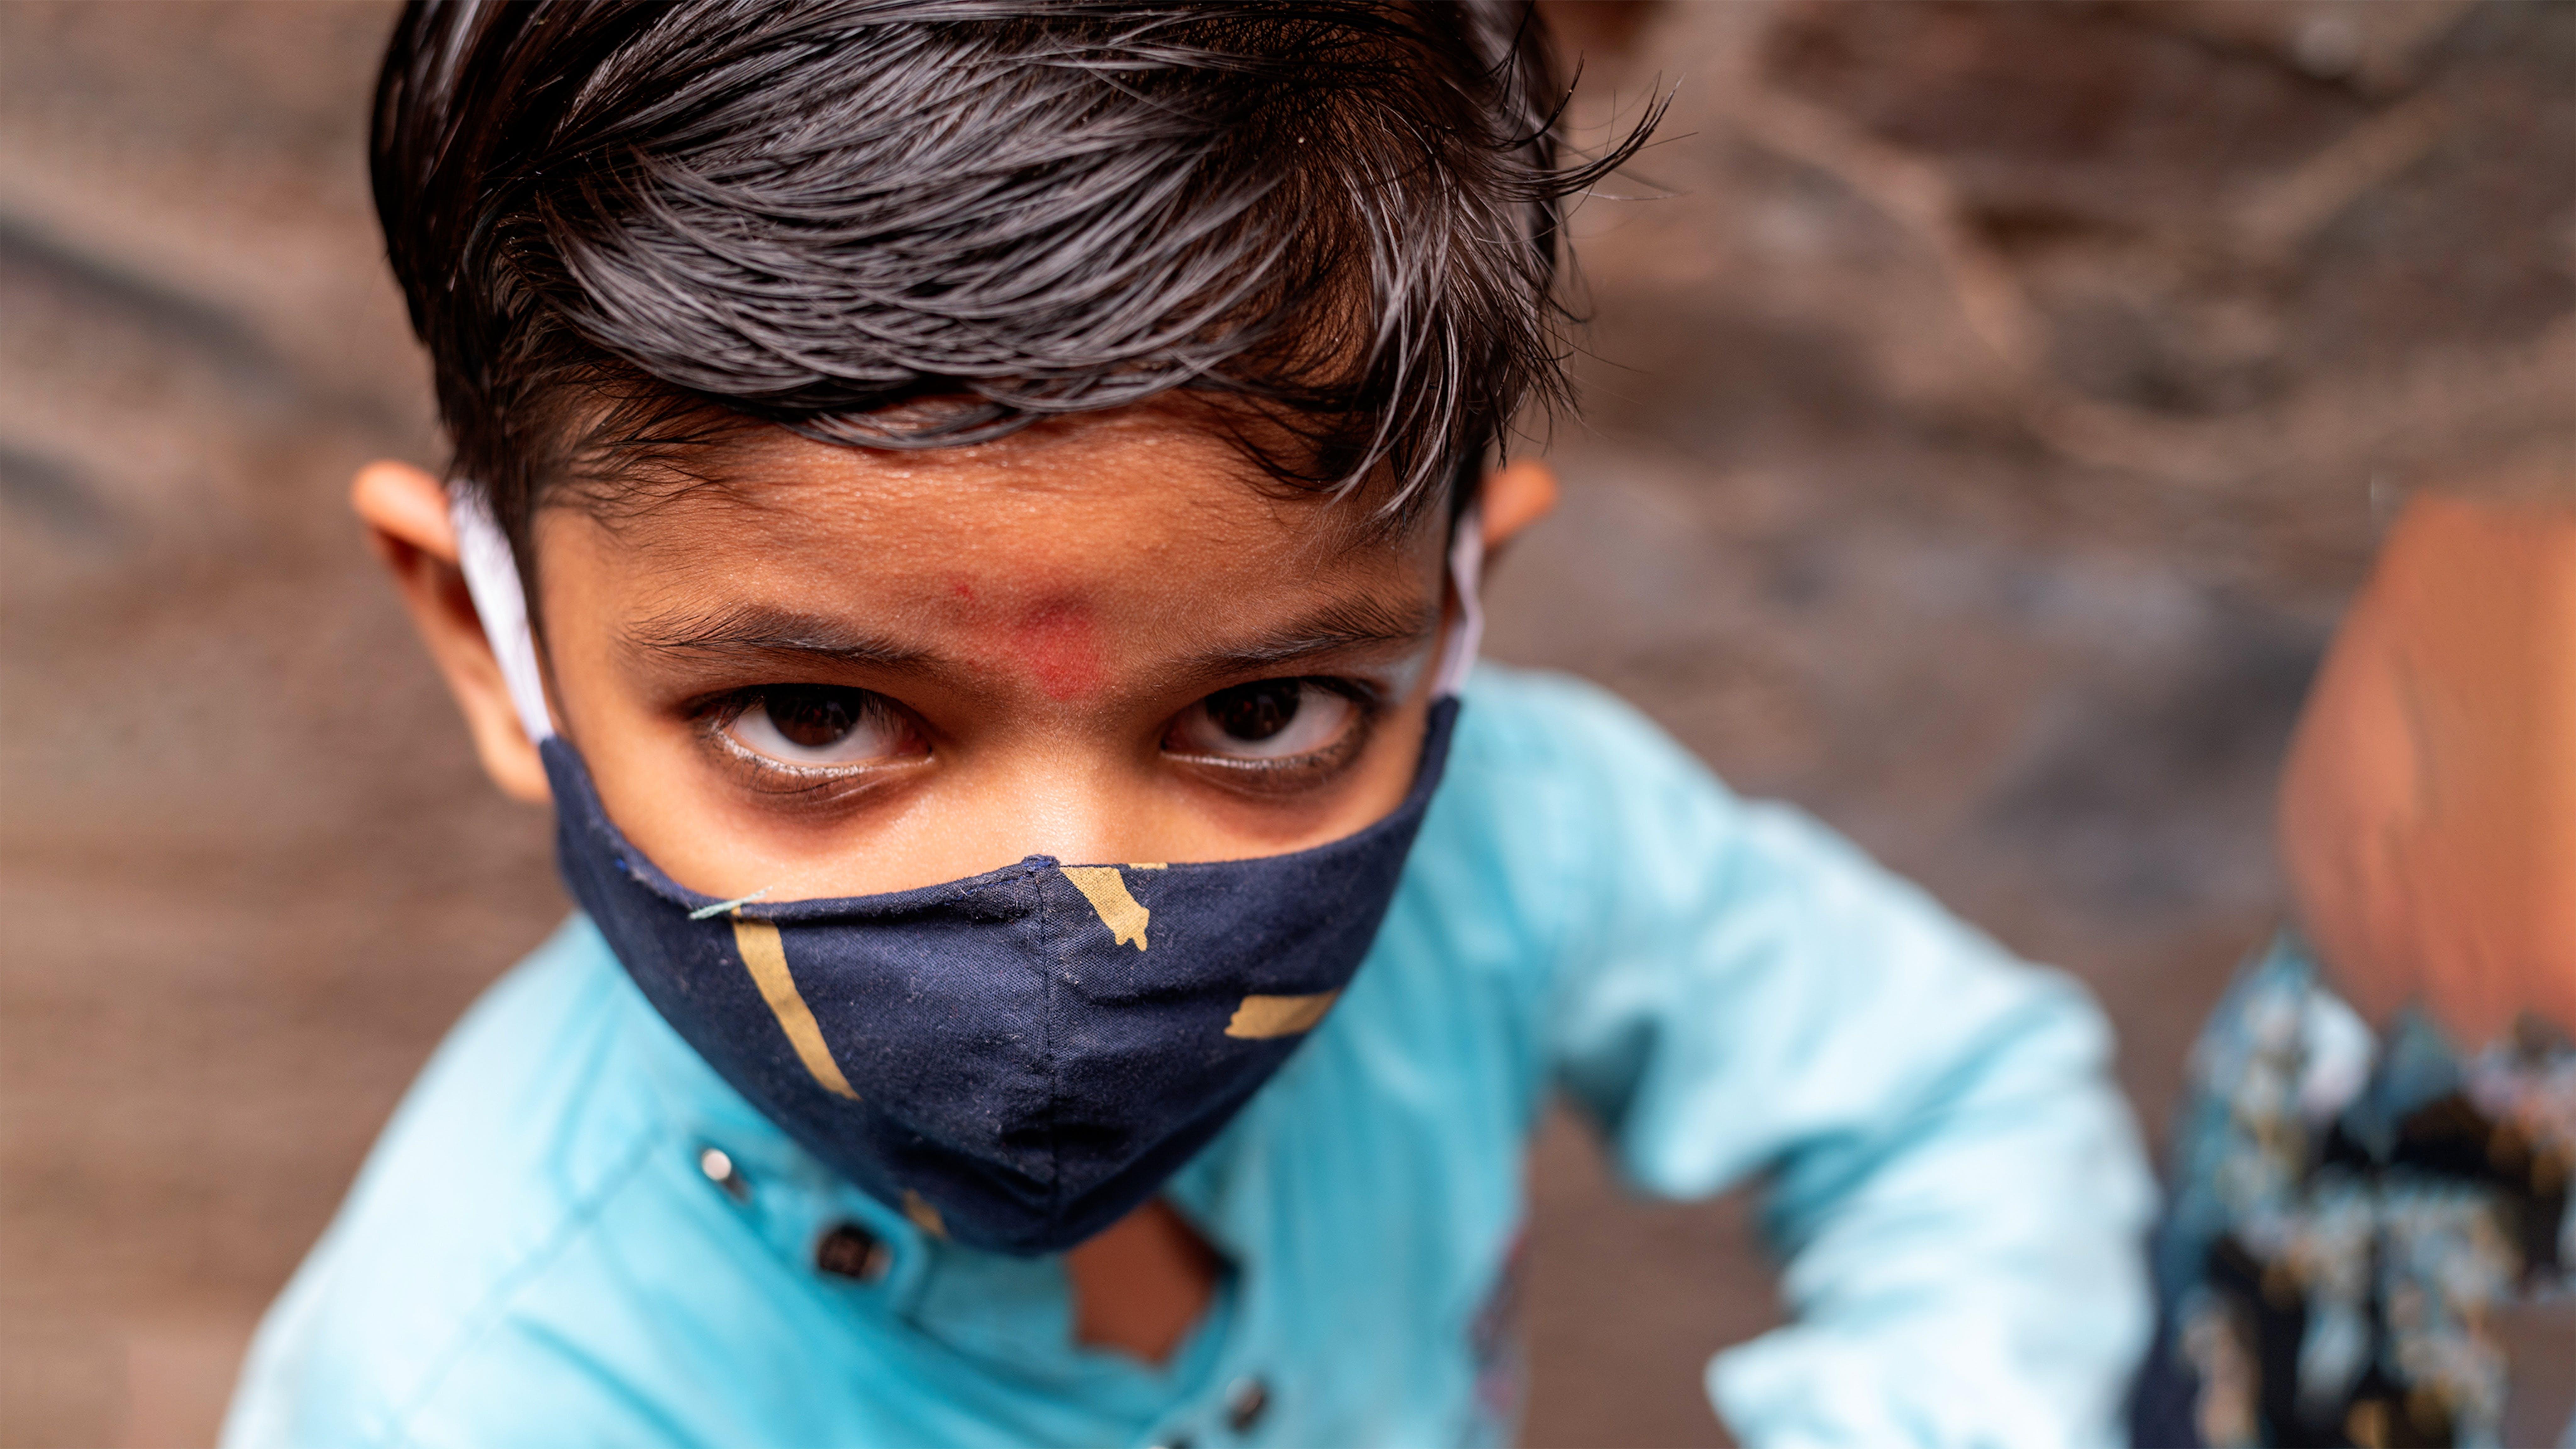 India, l'impatto della pandemia sui bambini